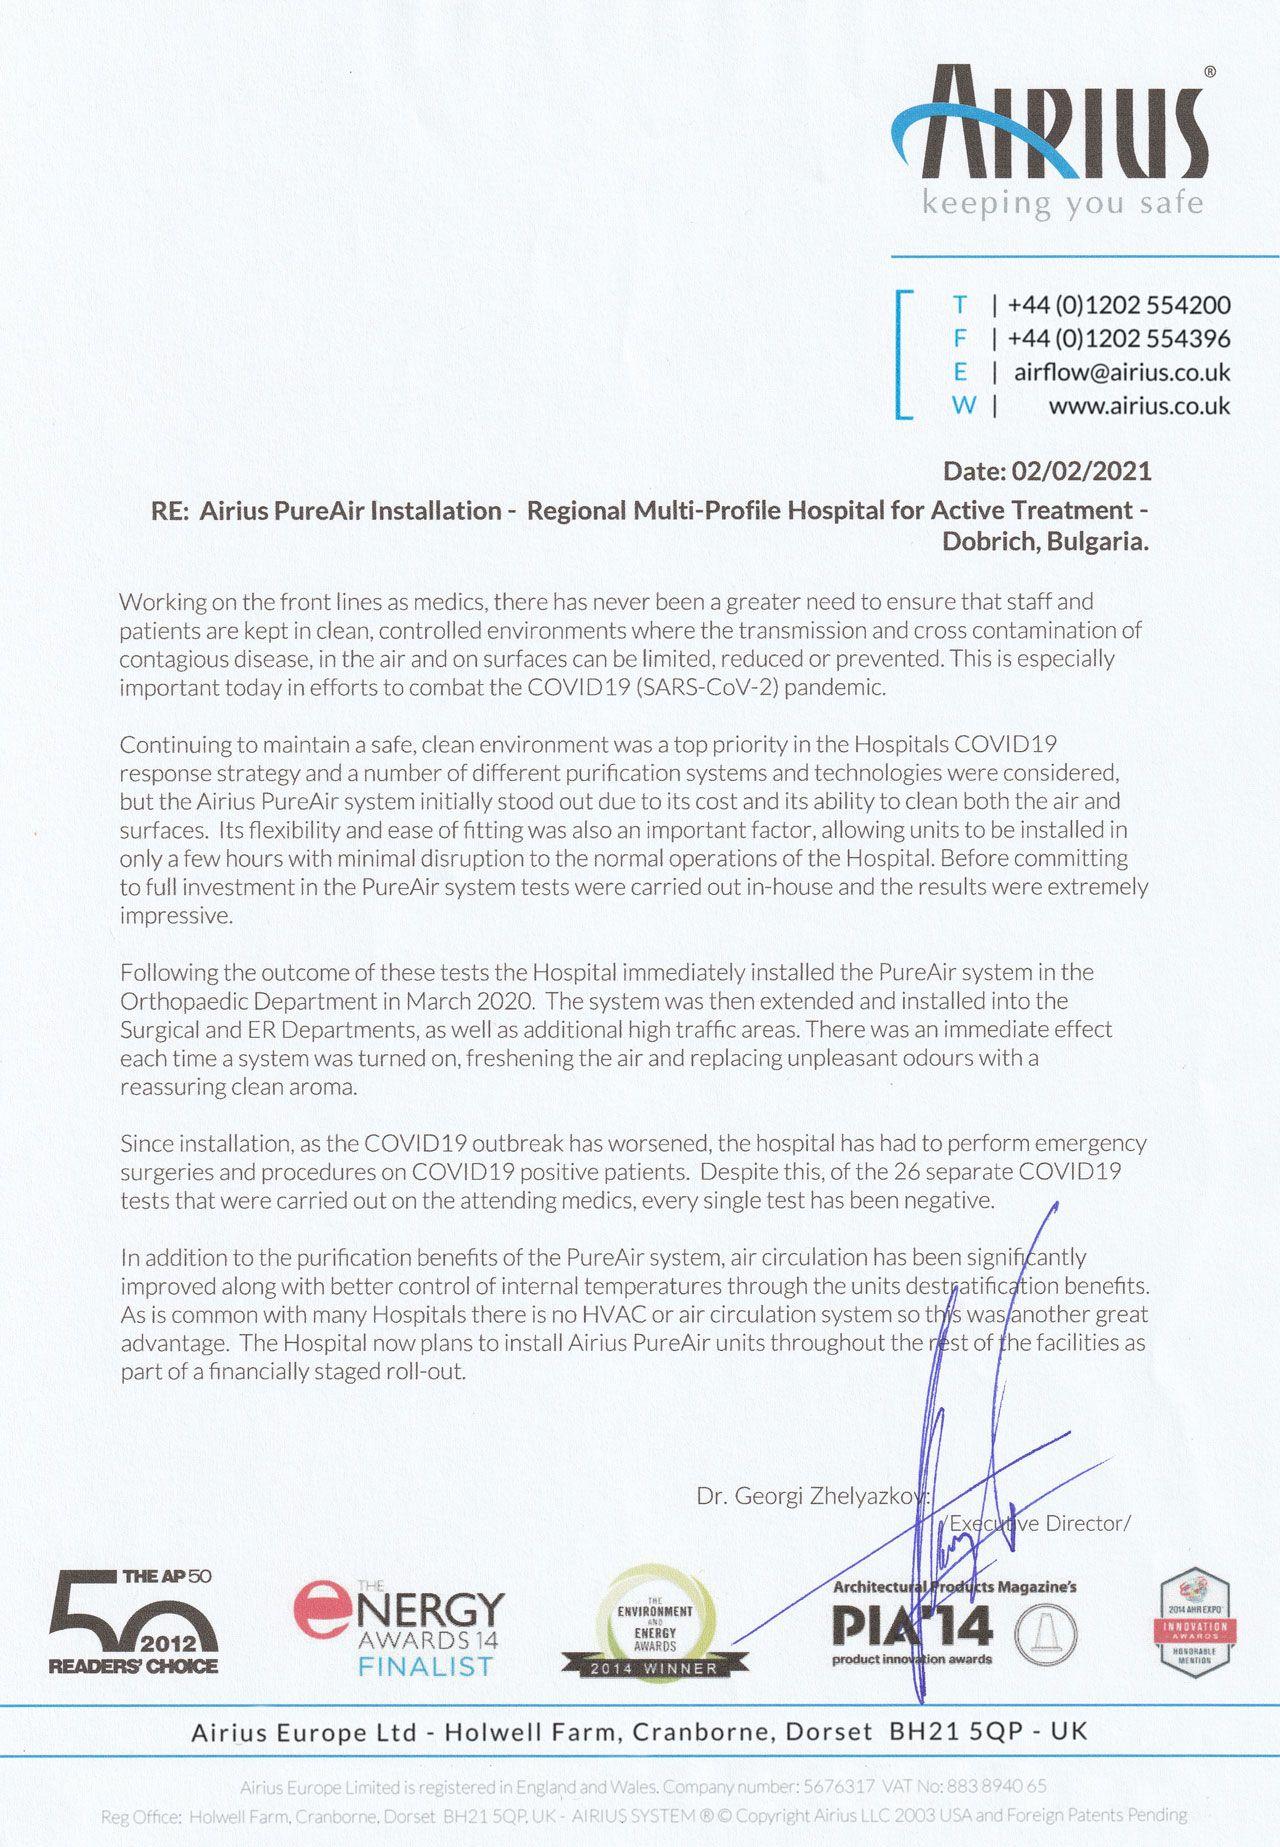 Dobrich Hospital Testimonial